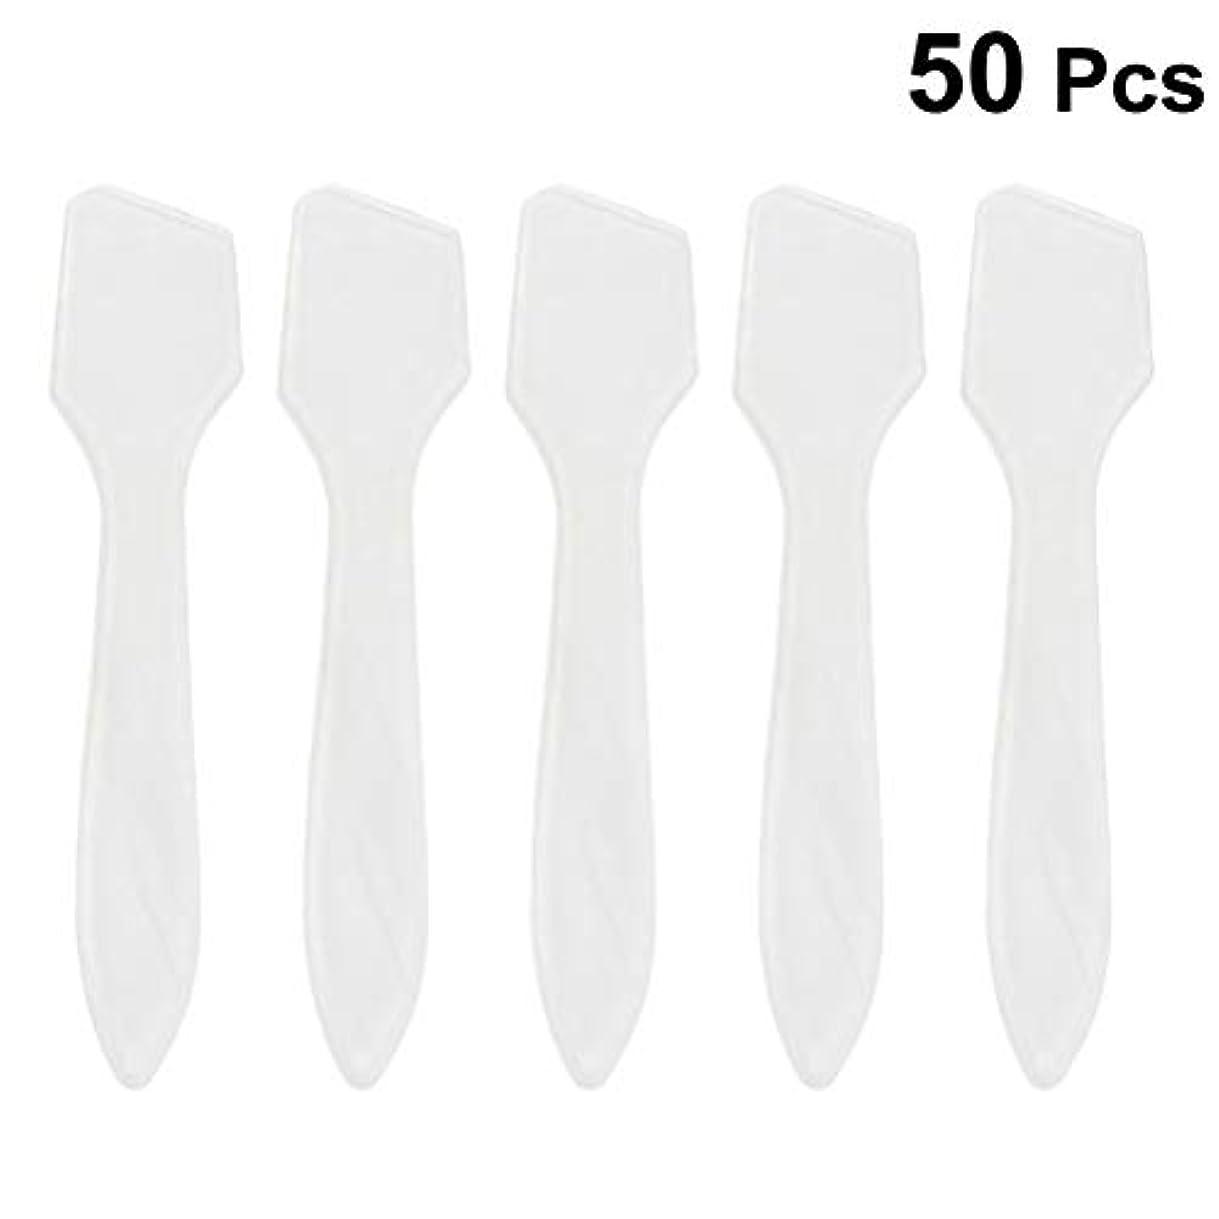 節約キャンペーン手書きSUPVOX 50ピース化粧品スキンケアフェイスクリームマスク混合ヘラアプリケータツール